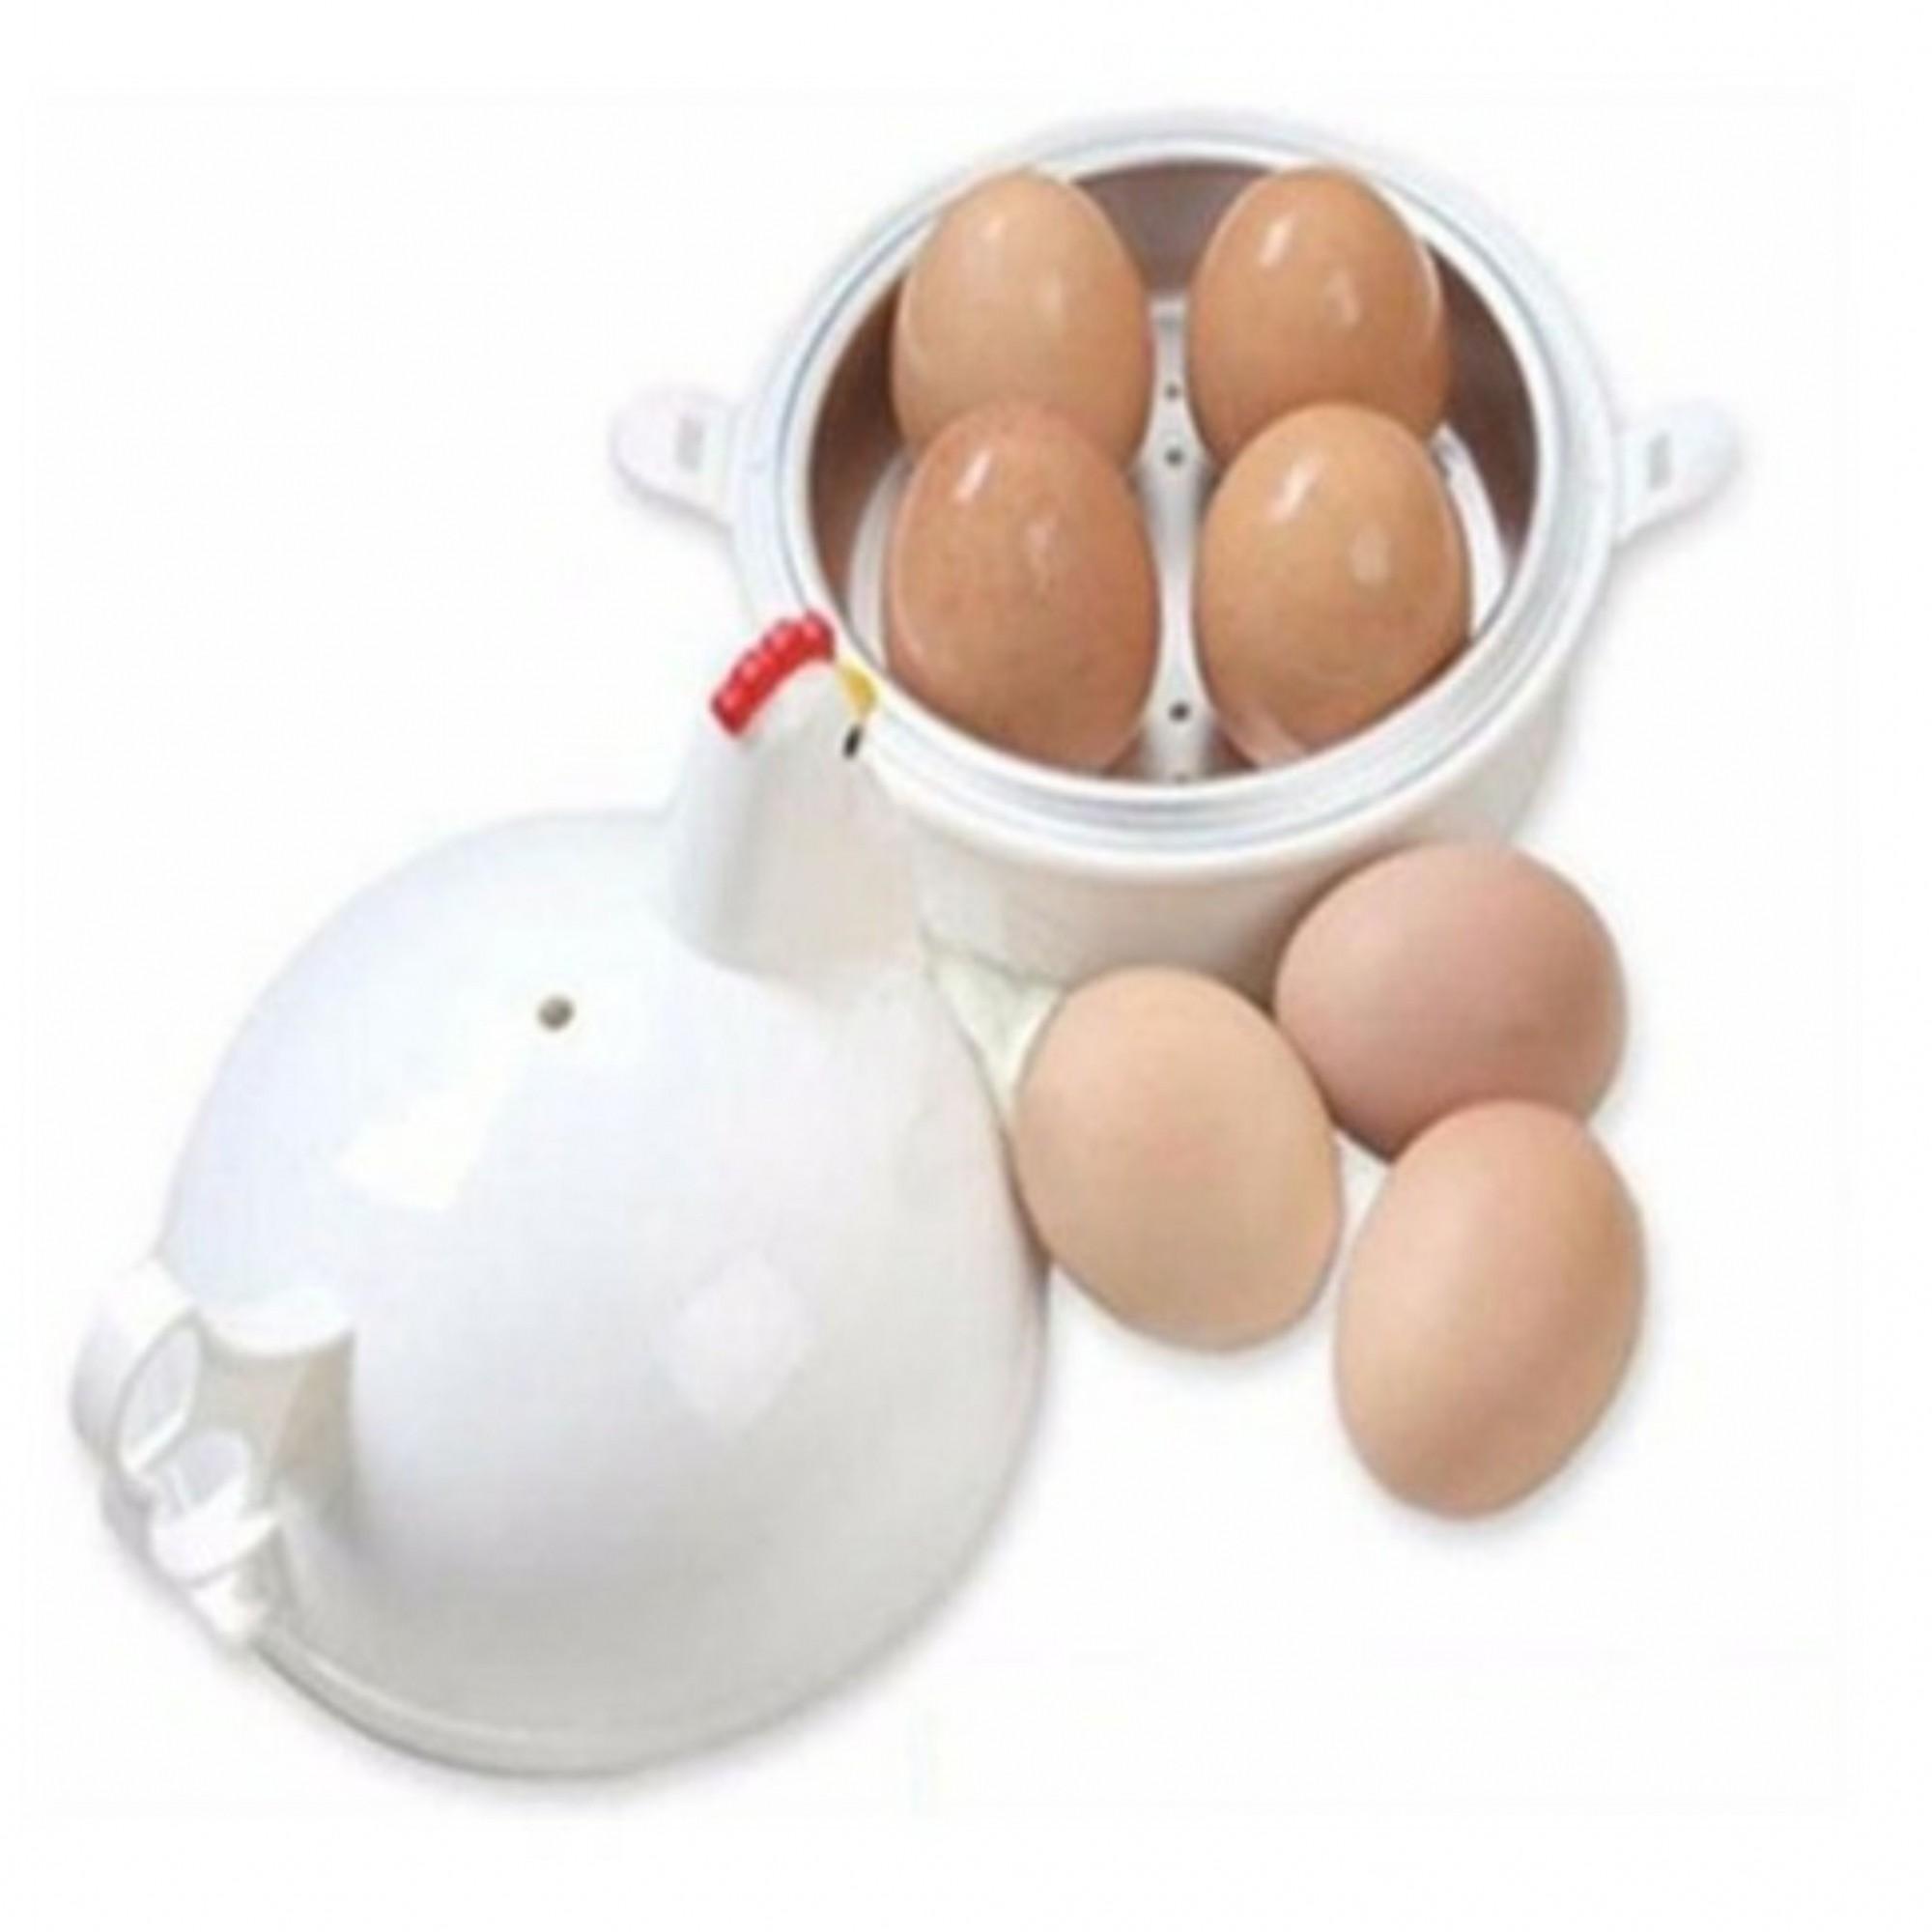 Galinha para cozinhar ovos no Microondas - Boiled EGG